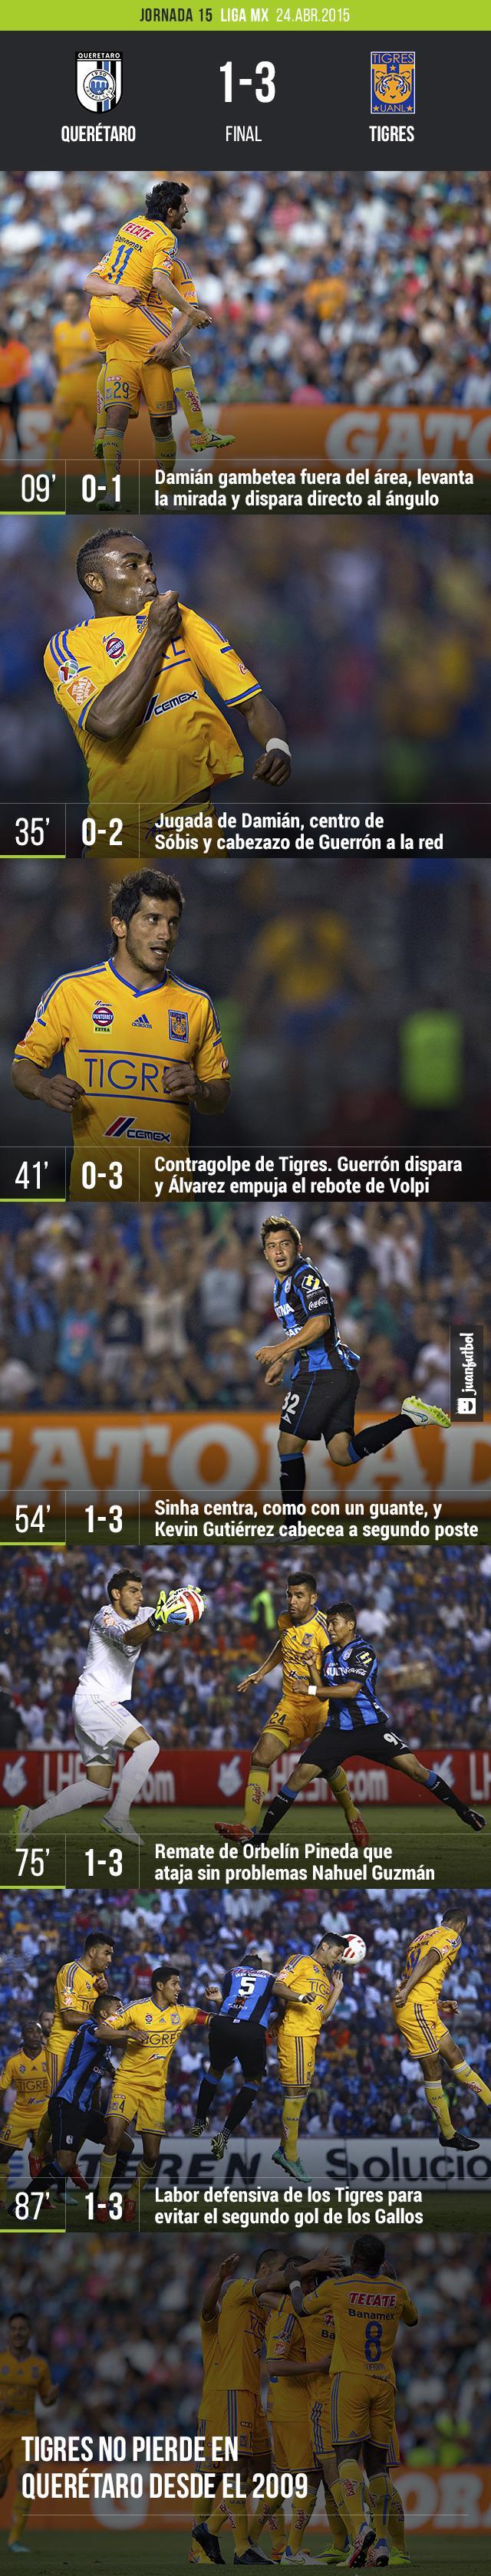 Querétaro 1-3 Tigres